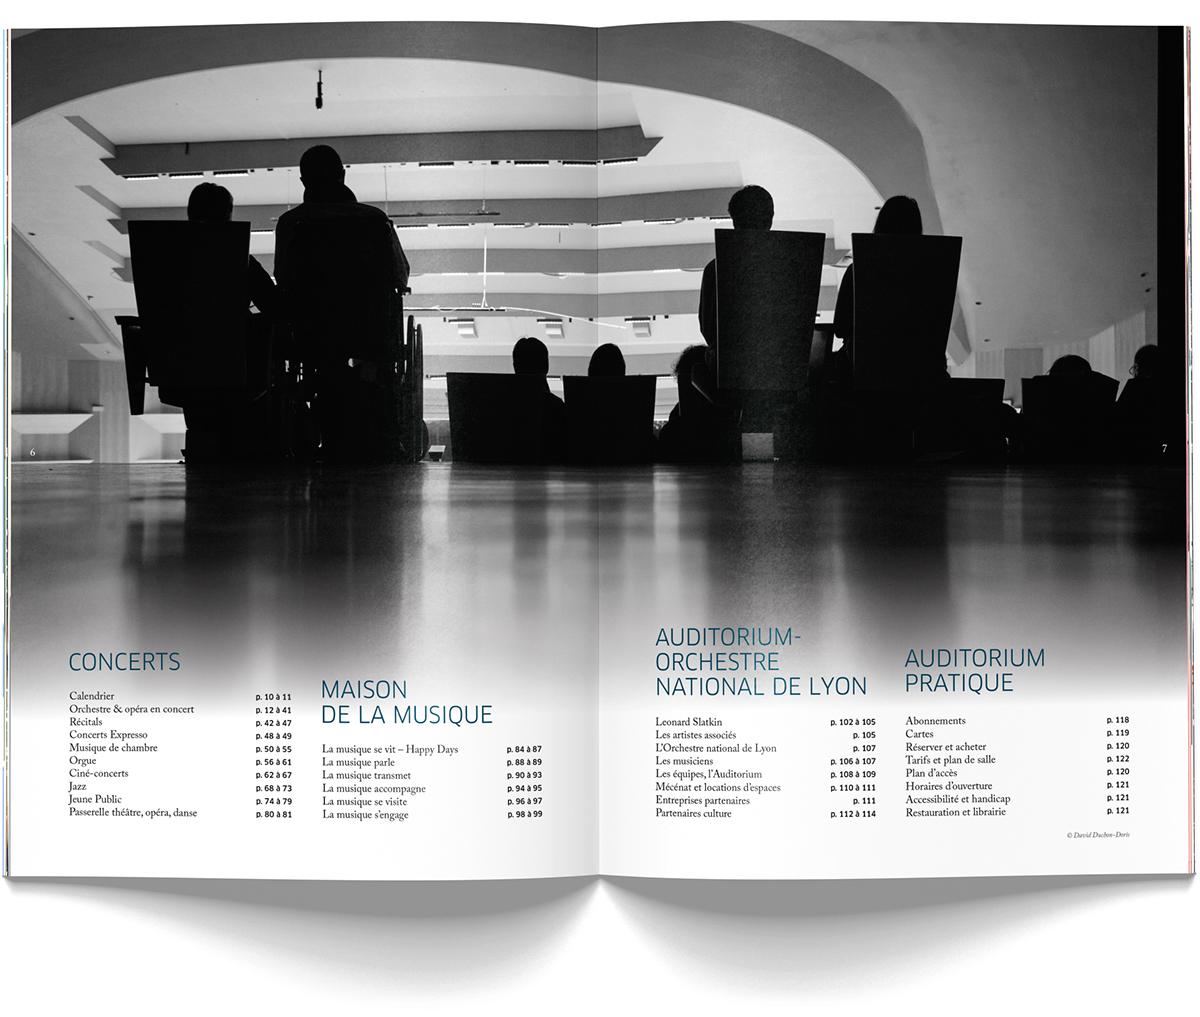 Programme 2015 De LAuditorium Lyon Realise En Collaboration Avec Pascale Moncharmont 124 Pages 200x280 Visuel Couverture Vincent Mahe